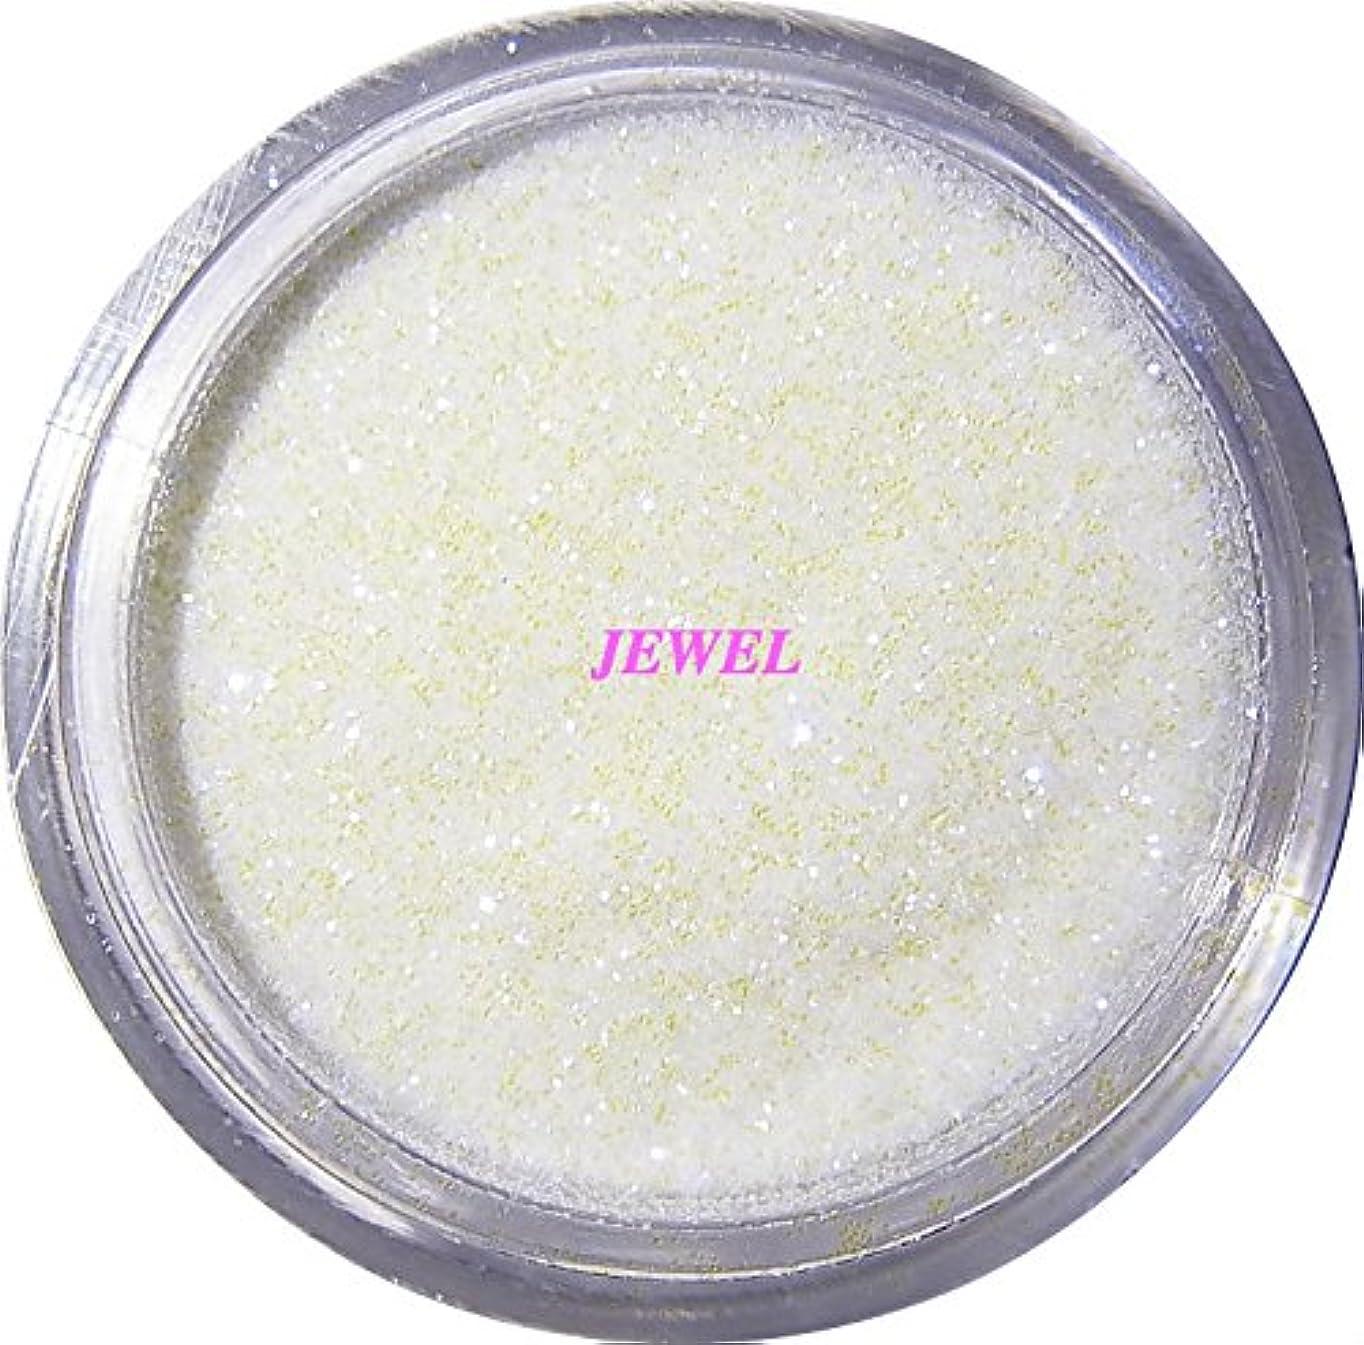 案件あえてあえぎ【jewel】 超微粒子ラメパウダー(白/パールホワイト) 256/1サイズ 2g入り グリッター レジン&ネイル用